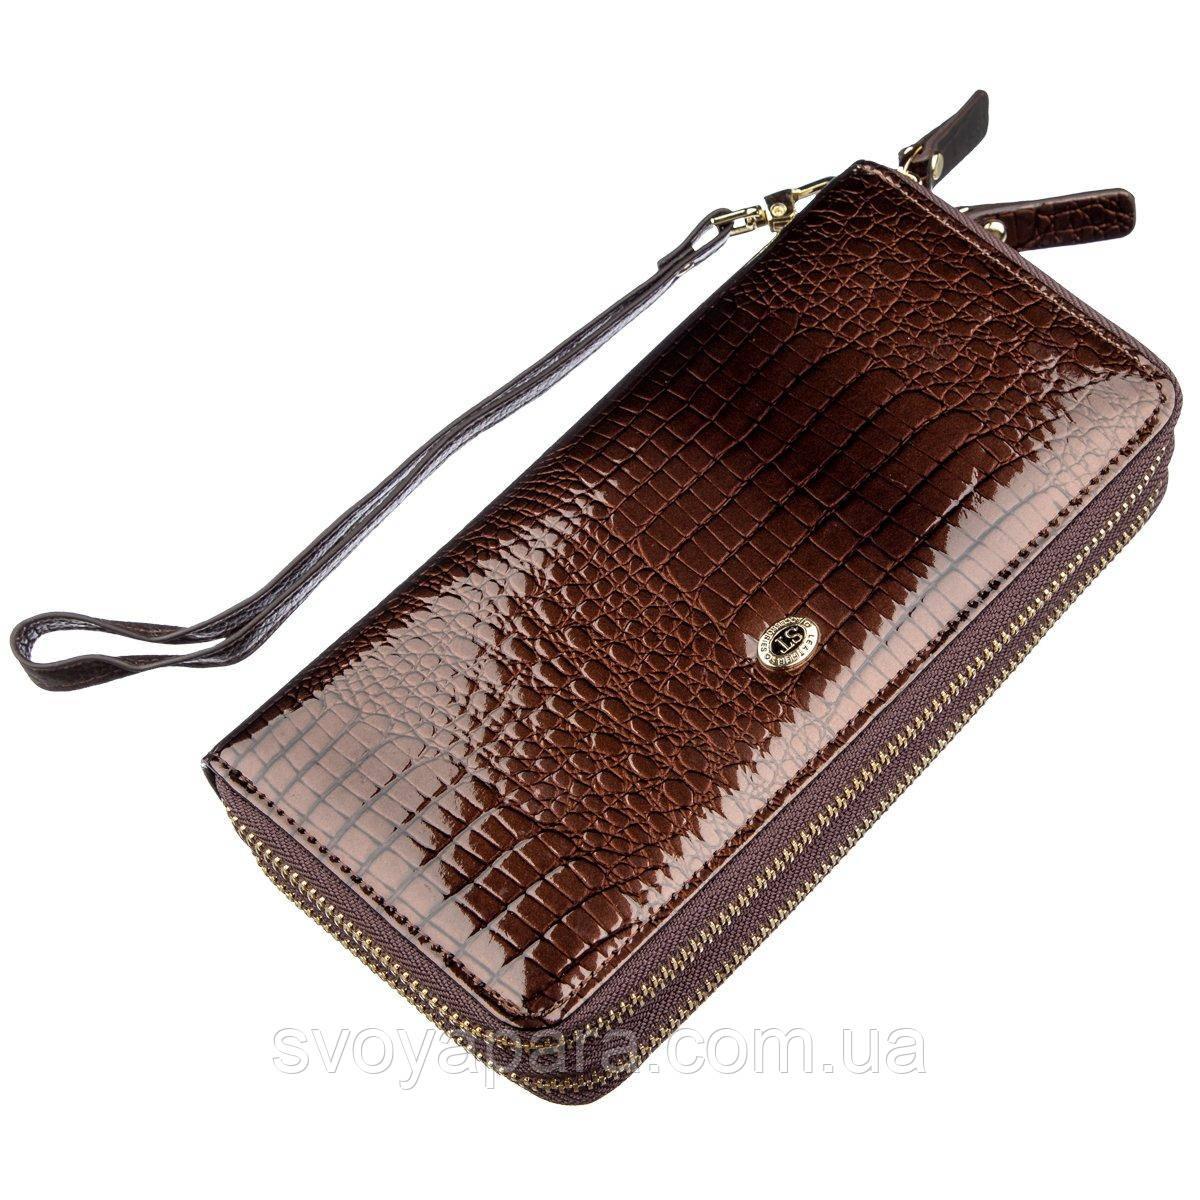 Жіночий лаковий клатч ST Leather 18908 Коричневий